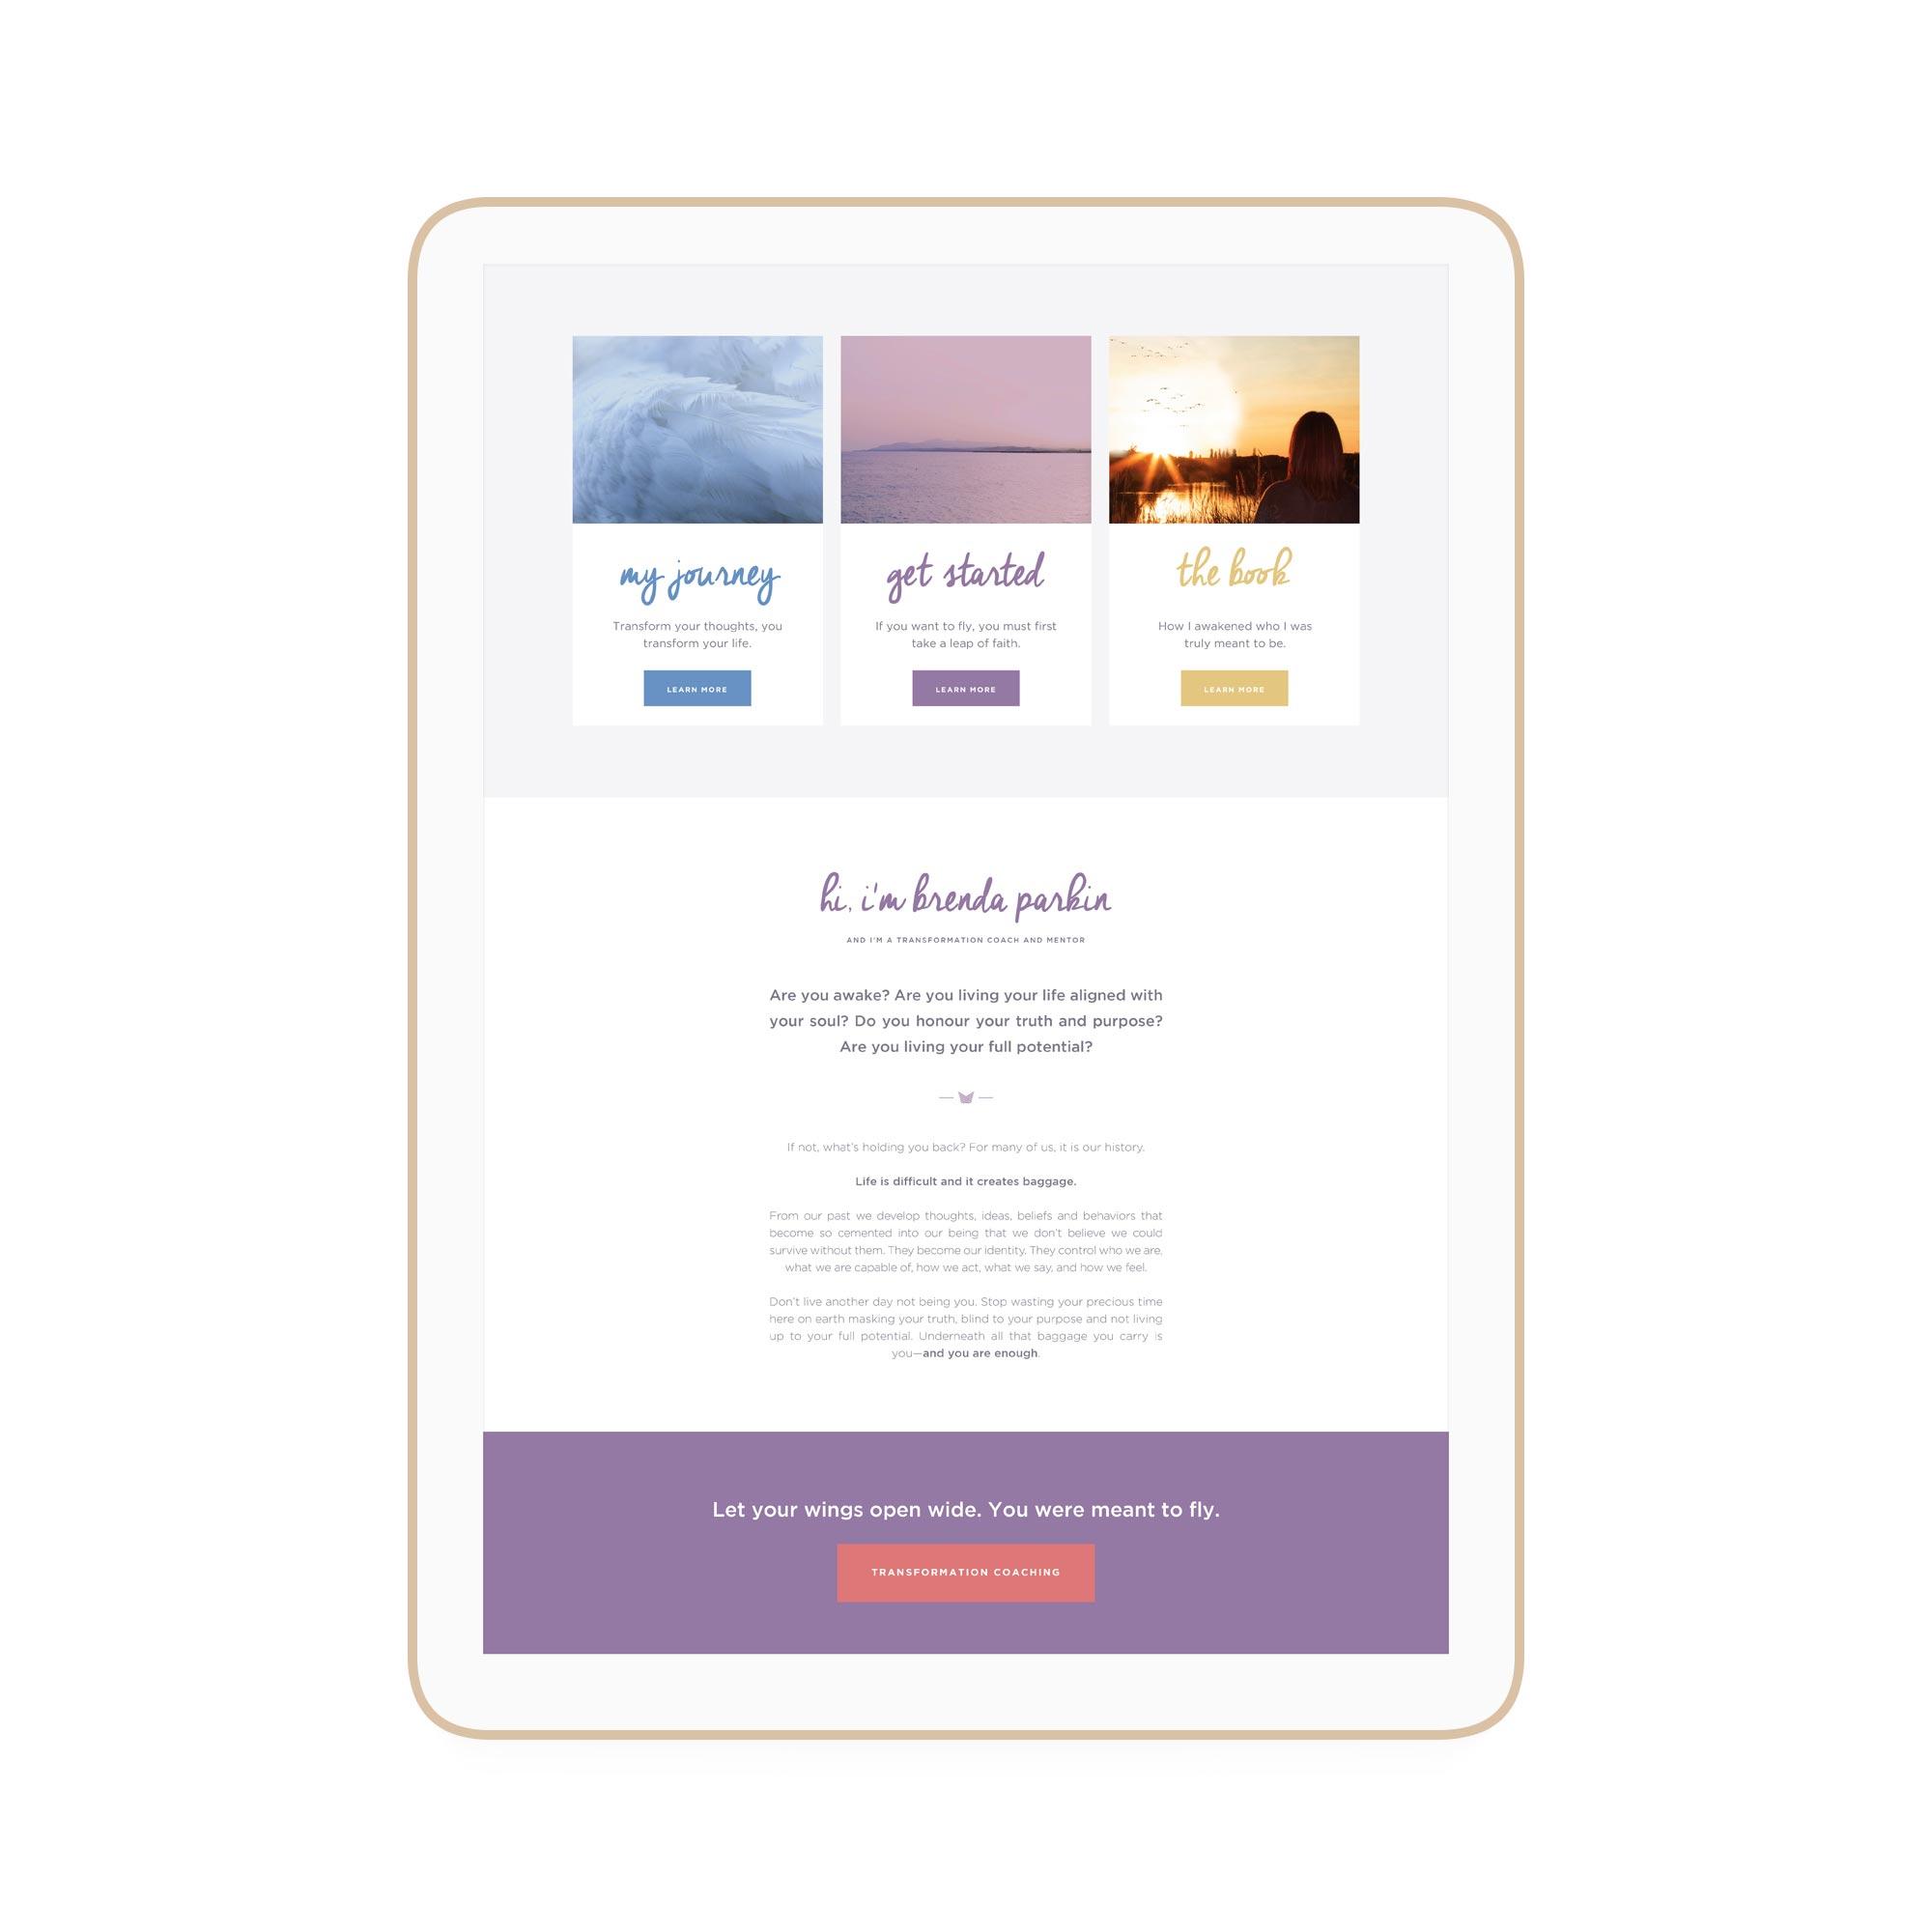 Brenda Parkin Winnipeg Feminist Brands Website Design Feminist Entrepreneurs iPad